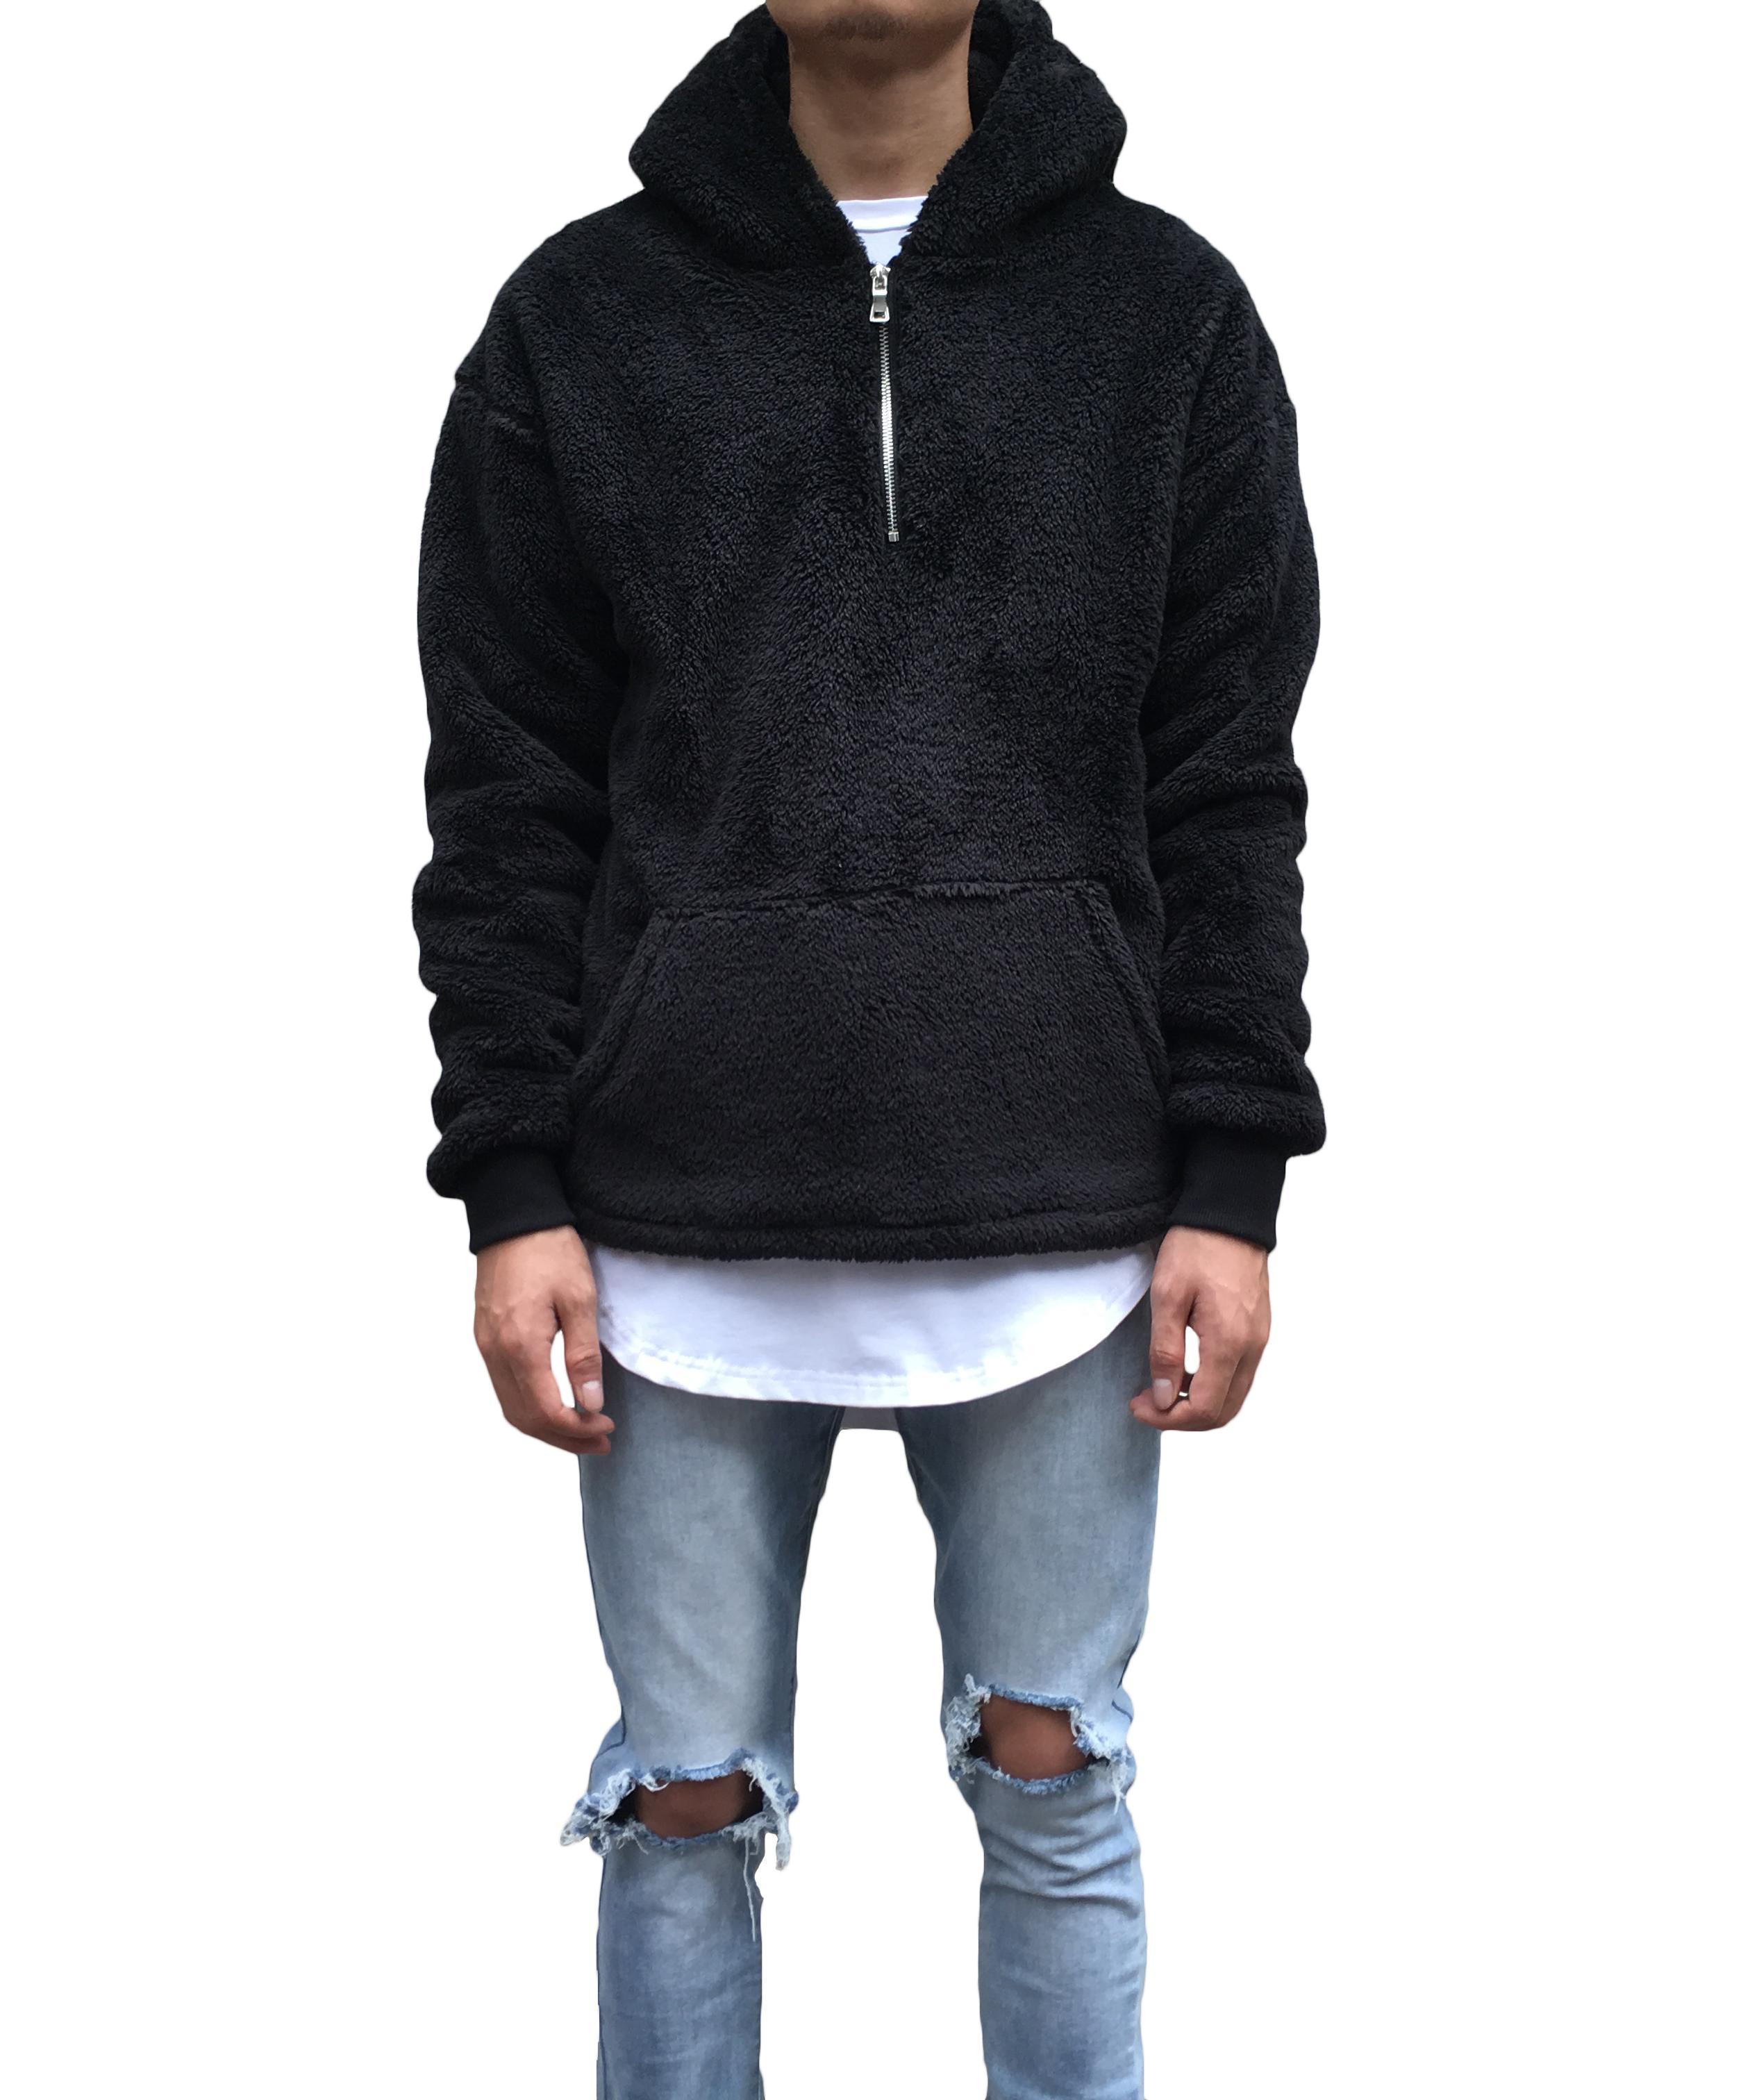 urkoolwear-sherpa-zip-hoodie